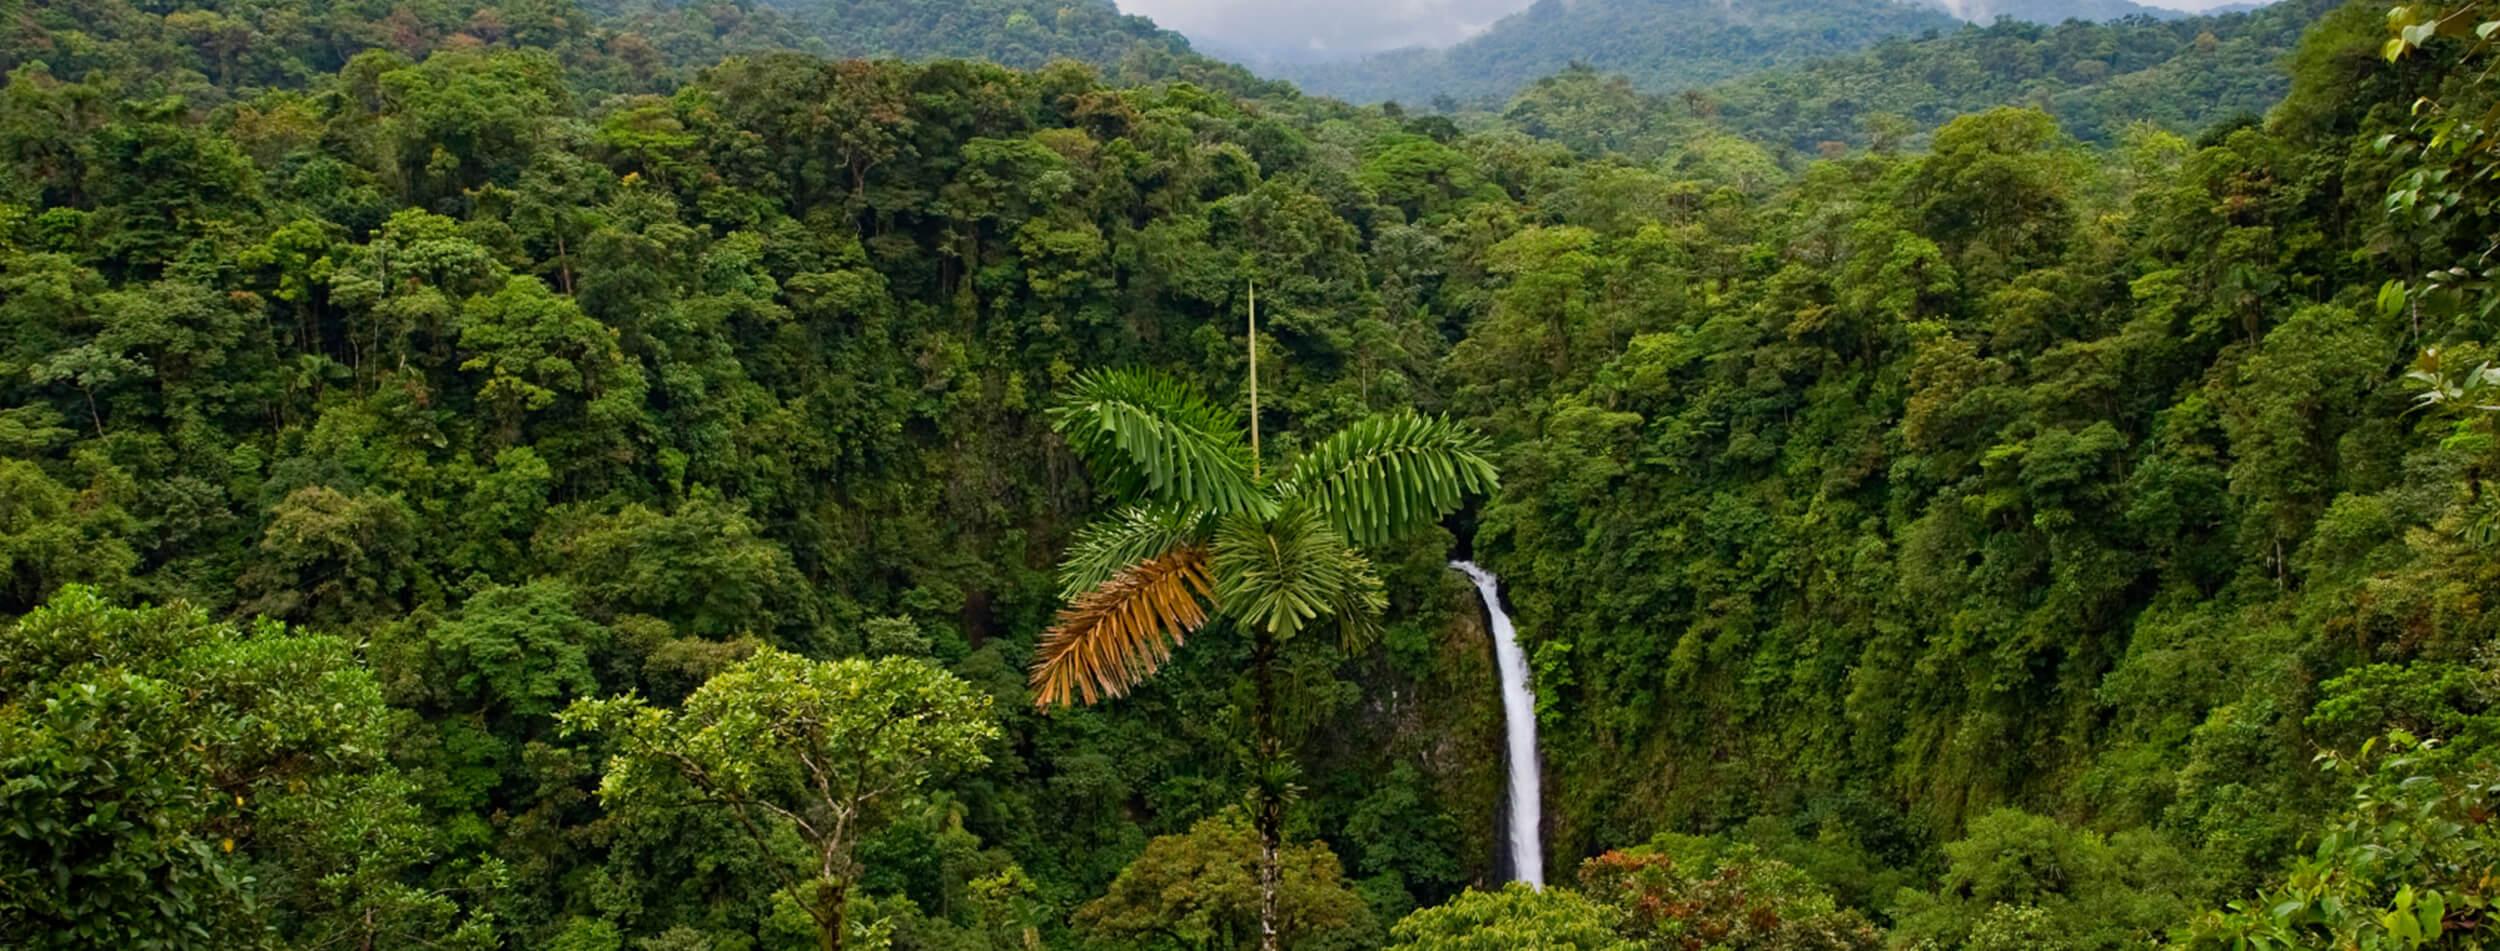 Costa Rica Jungle Rhythms!